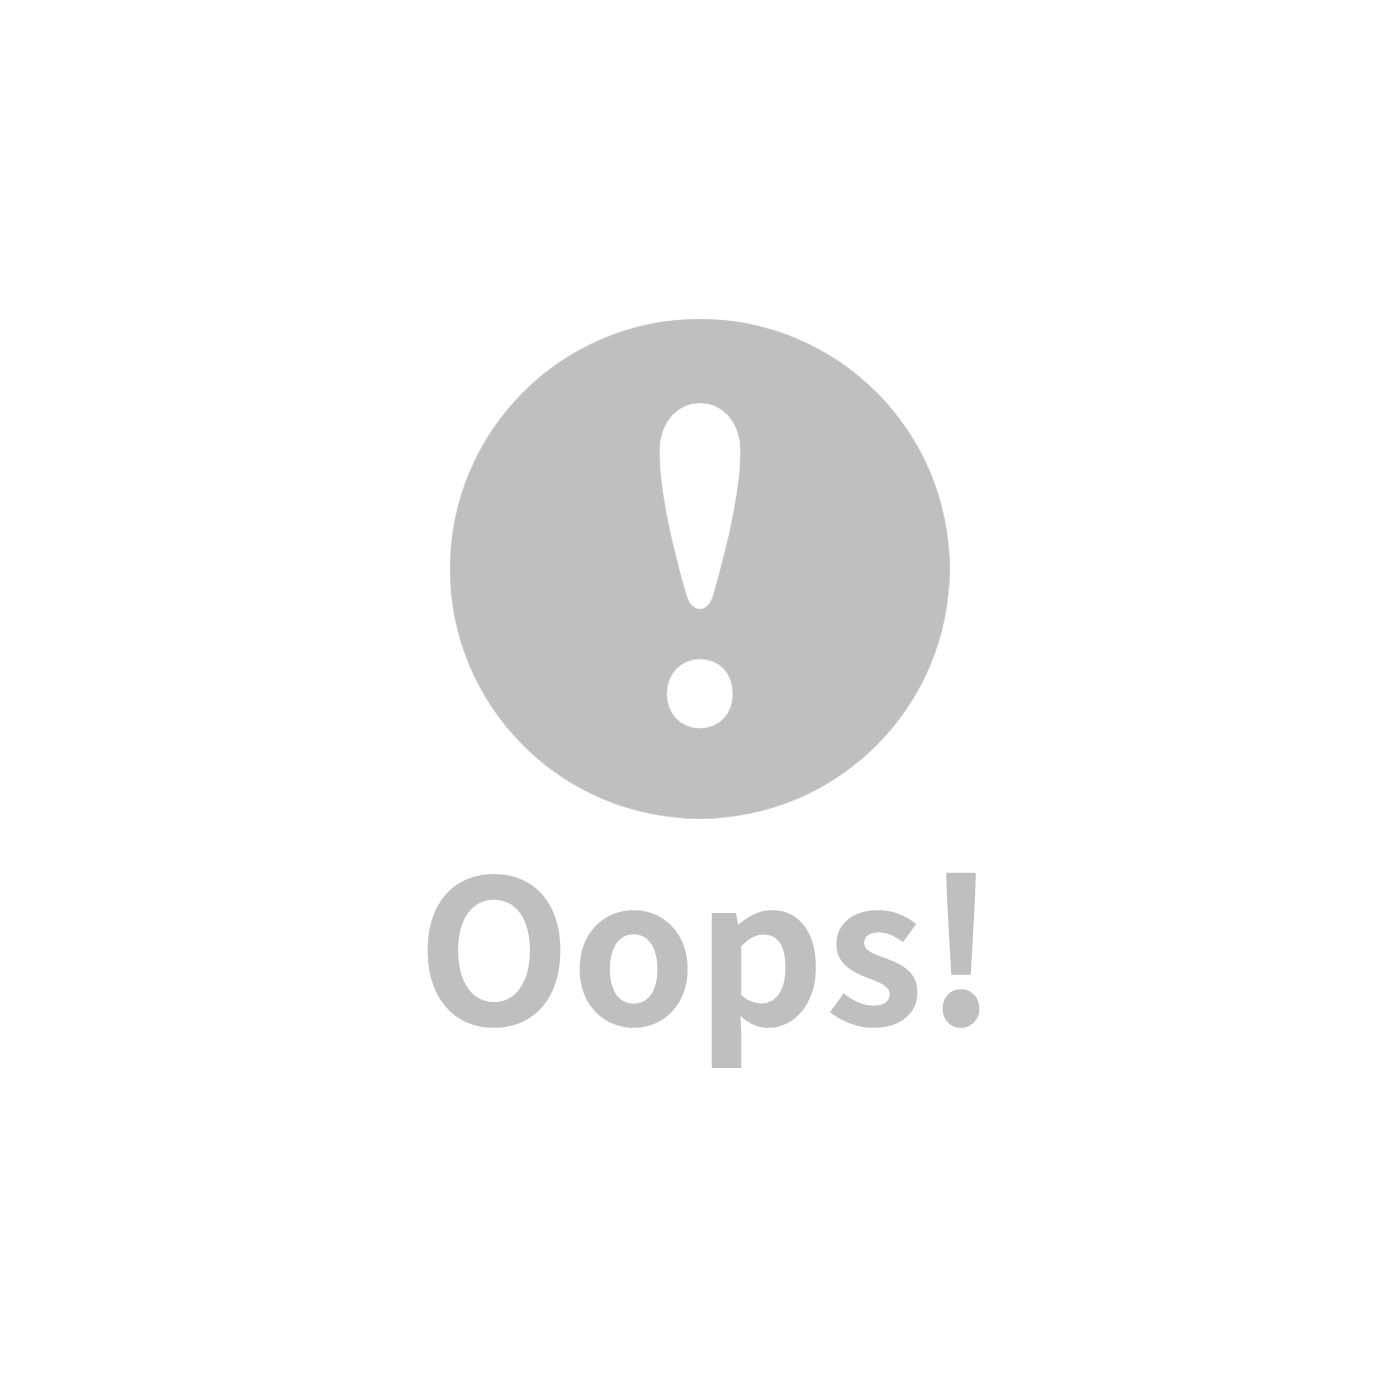 【預購商品,5/3起陸續出貨】La Millou 100%竹纖銀離子紗布巾兩入組70x70cm-棕櫚可可樹